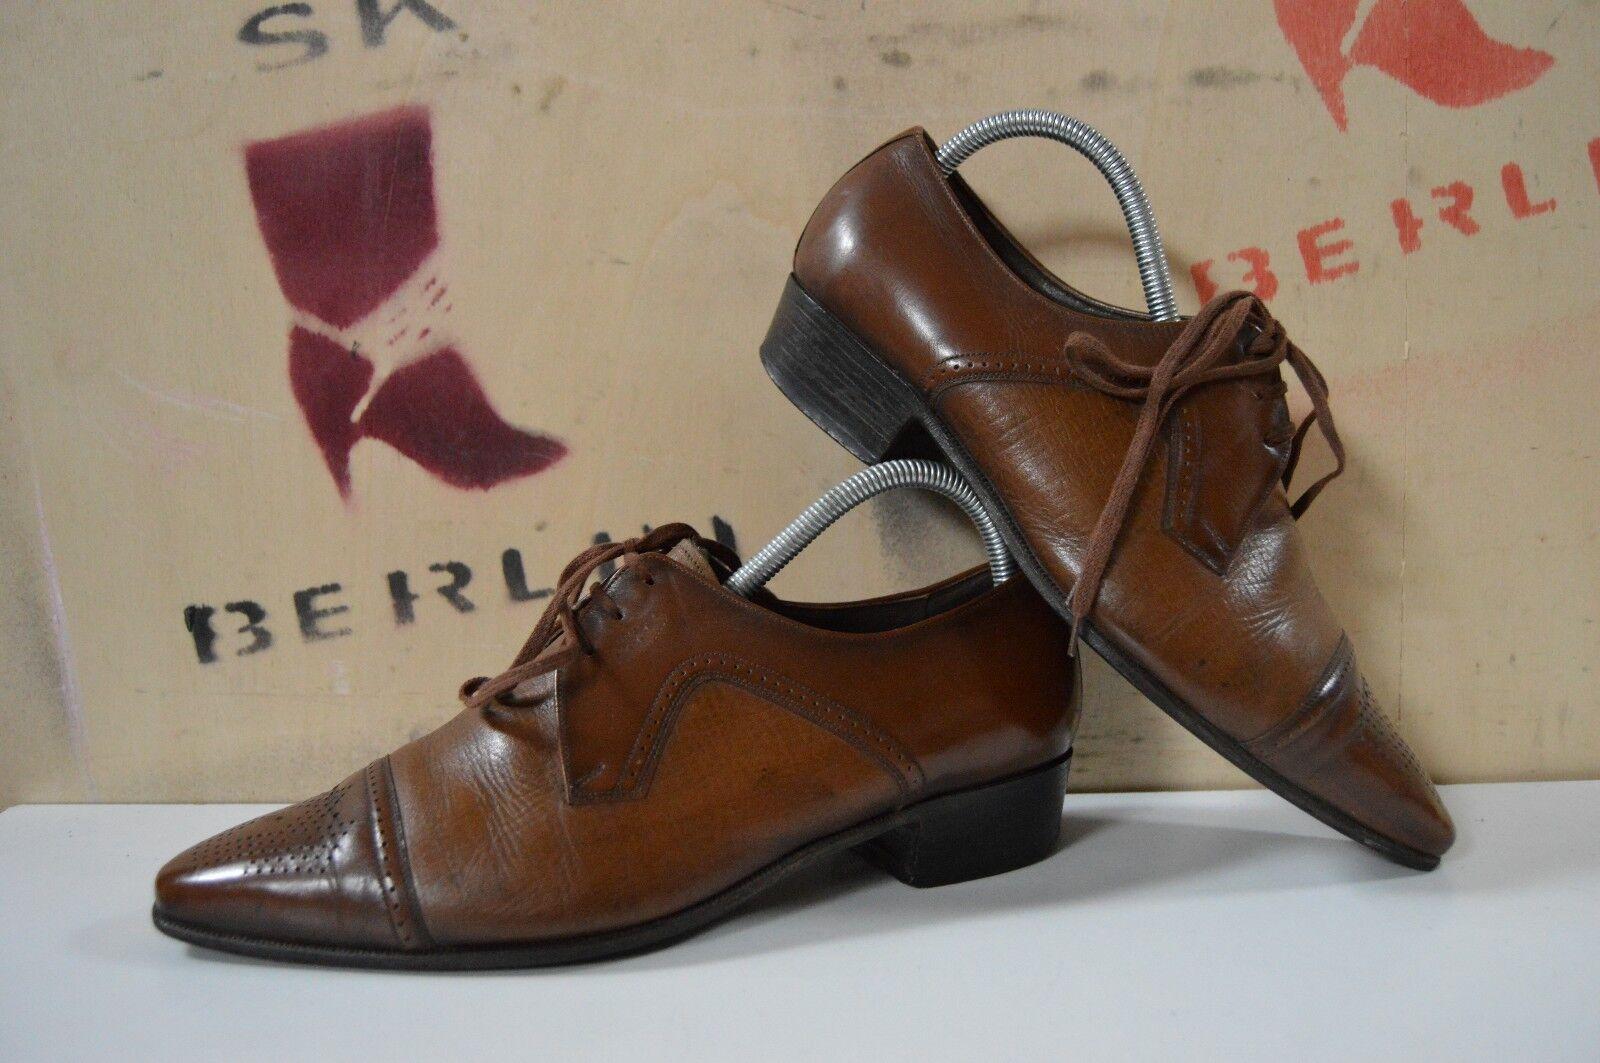 Los zapatos más populares para hombres y mujeres Descuento por tiempo limitado Herren Schnürschuhe 70er TRUE Vintage 70s Halbschuhe Loafer braun cognac